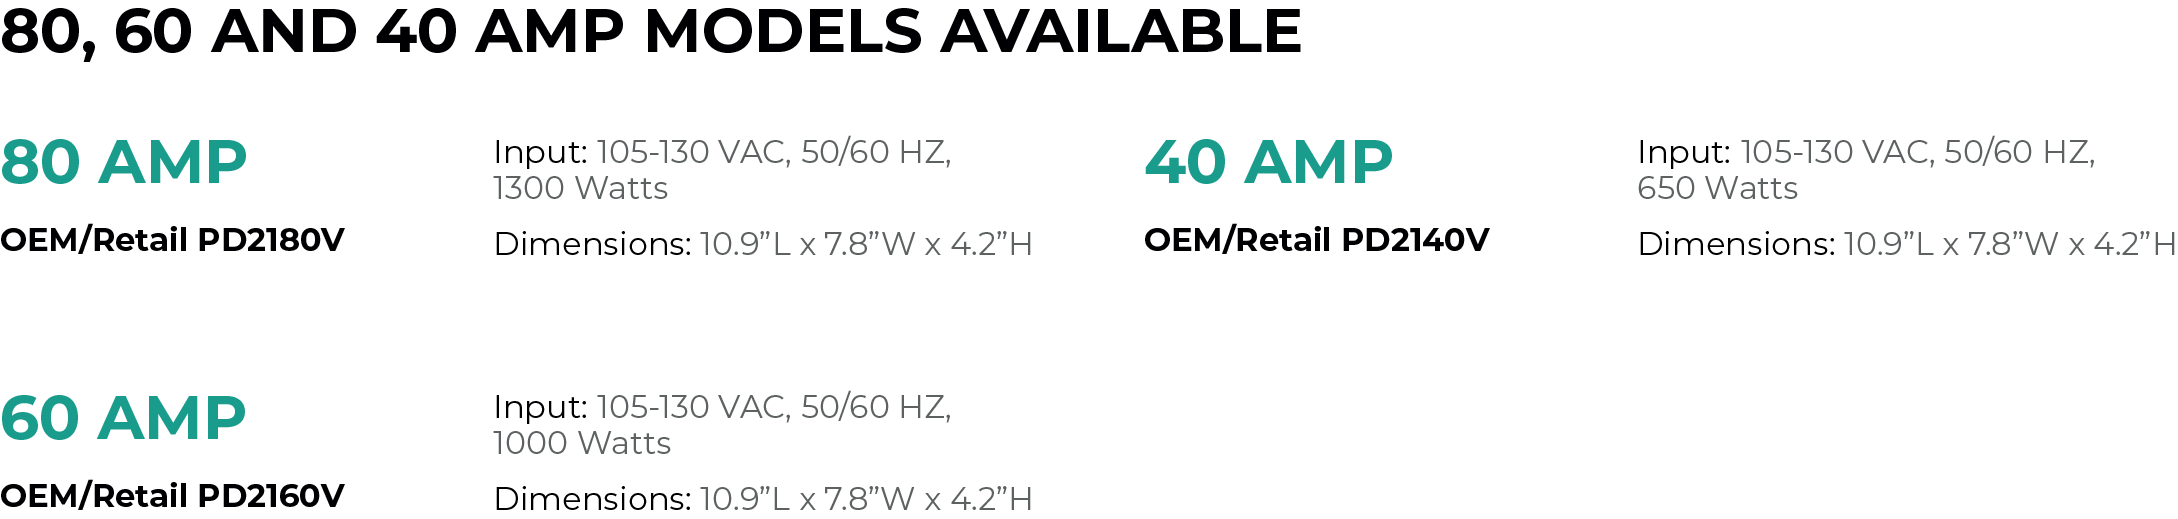 PD2100-Models